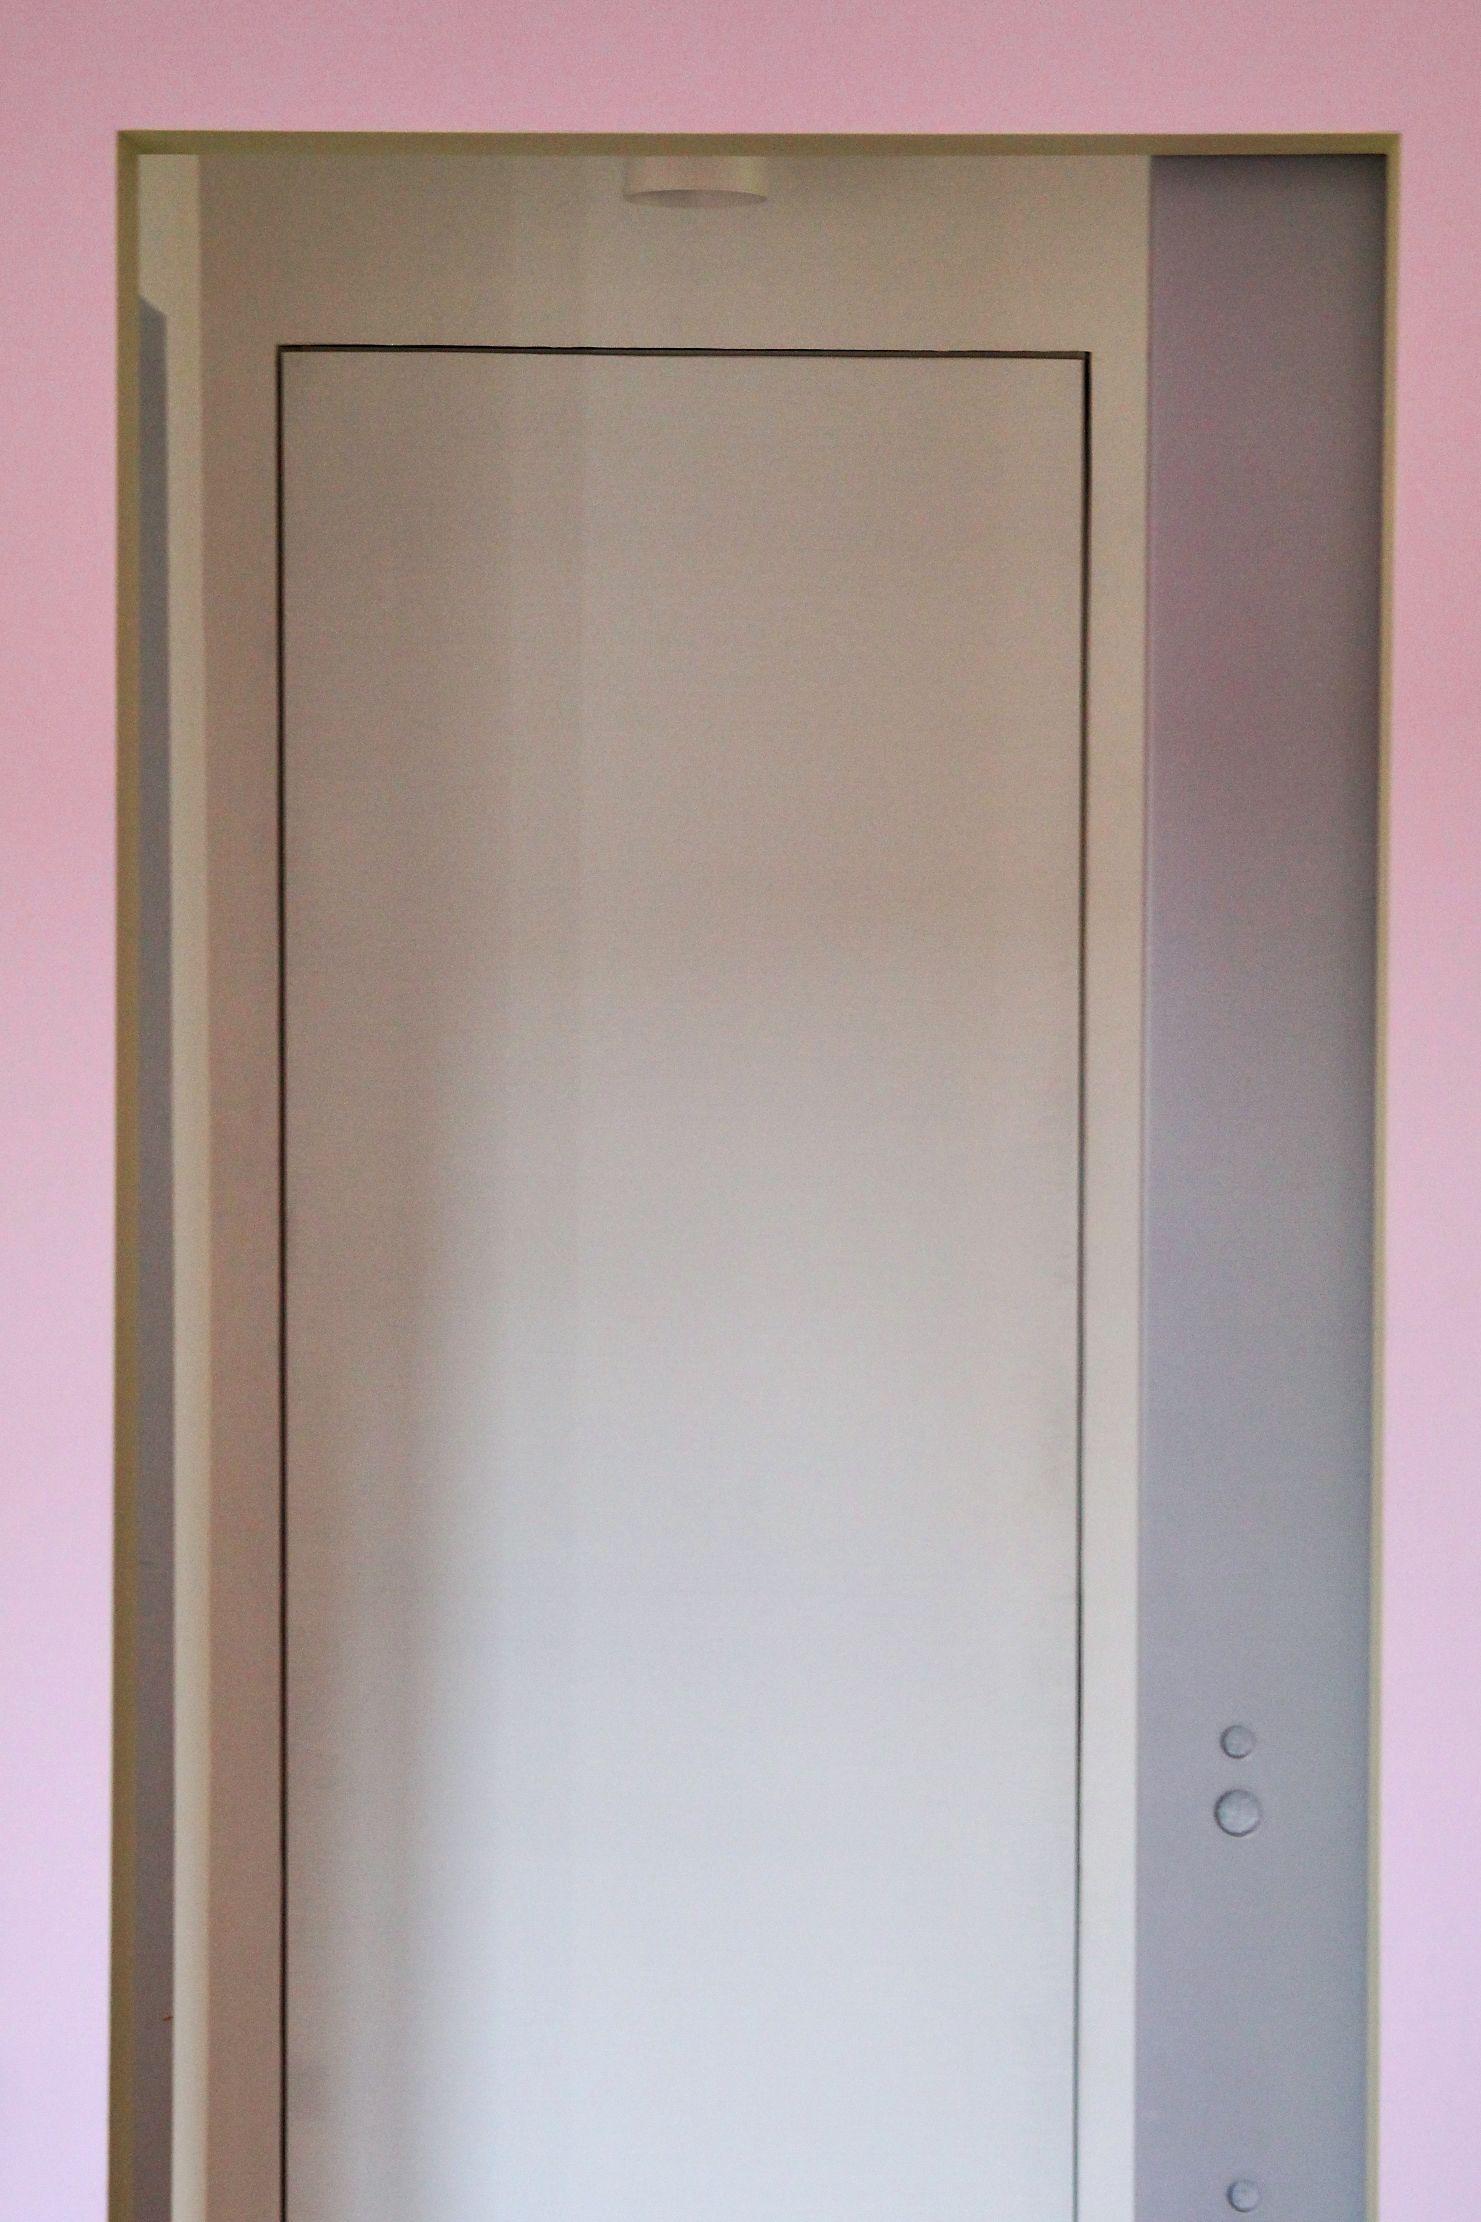 Excellent casa brianza porta scorrevole esterna binario in - Porta scorrevole esterna fai da te ...